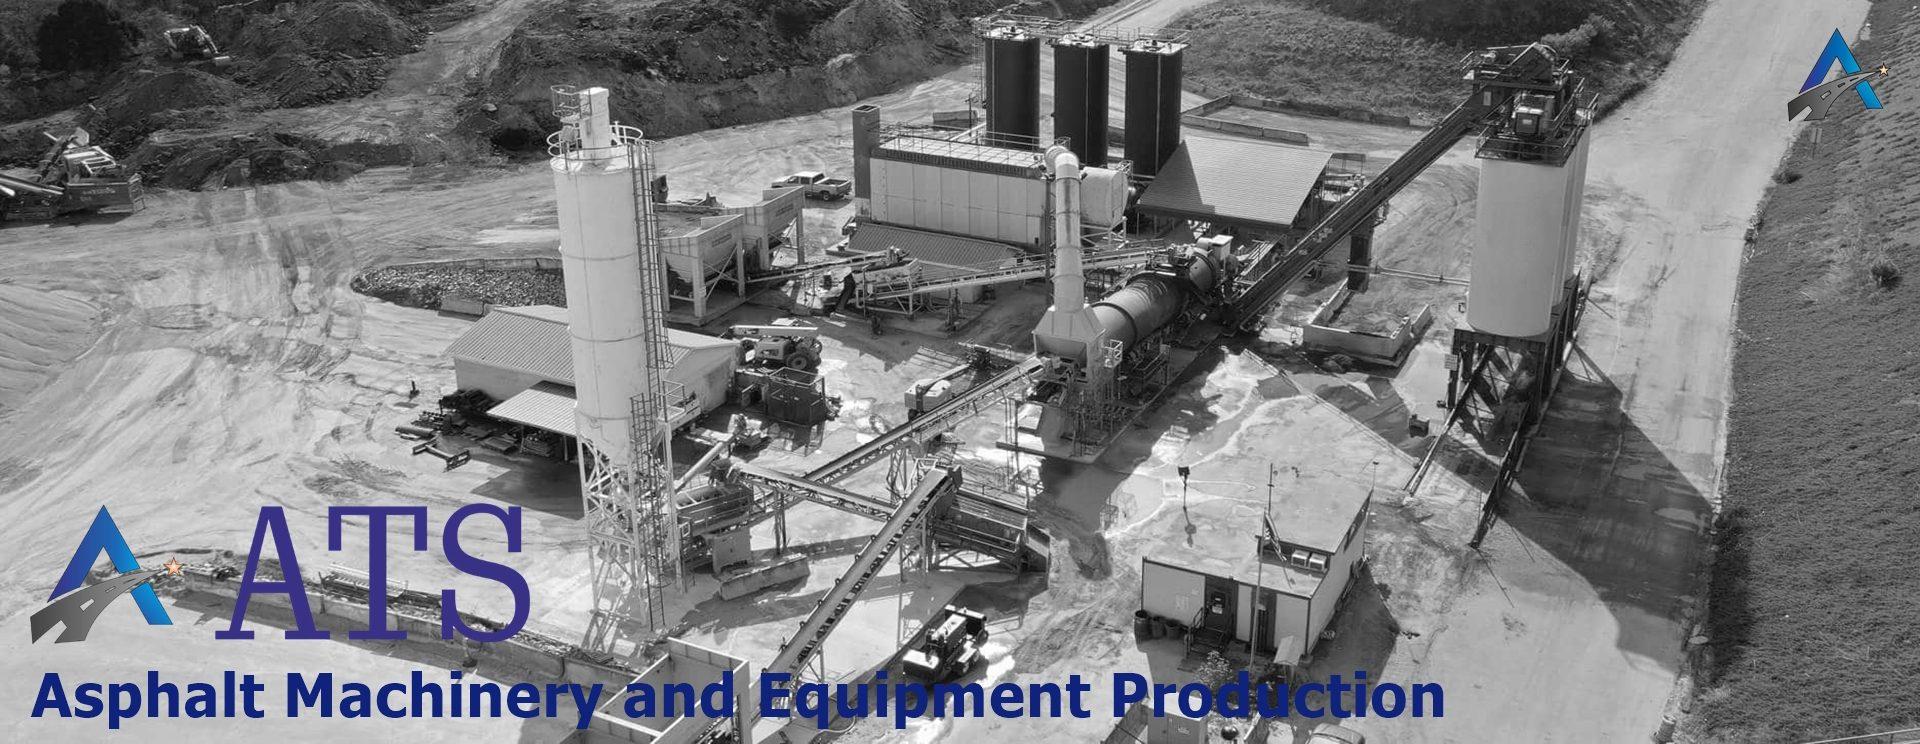 ATS Asphalt Technology Industry1